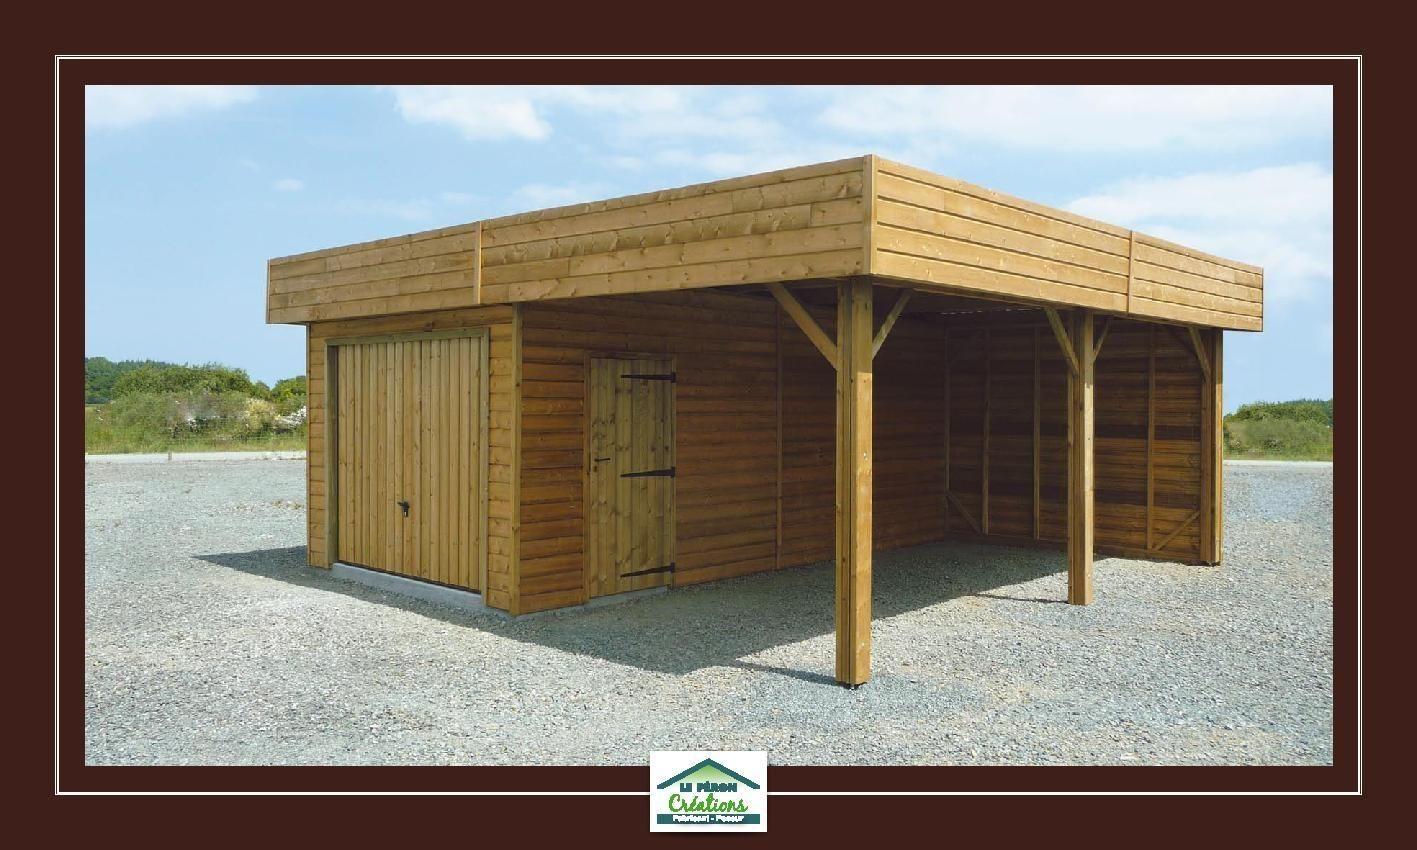 Double Carport Avec Garage Ferme Et Preau Ouvert Bardage Exterieur Maison Garage Ouvert Abri De Jardin